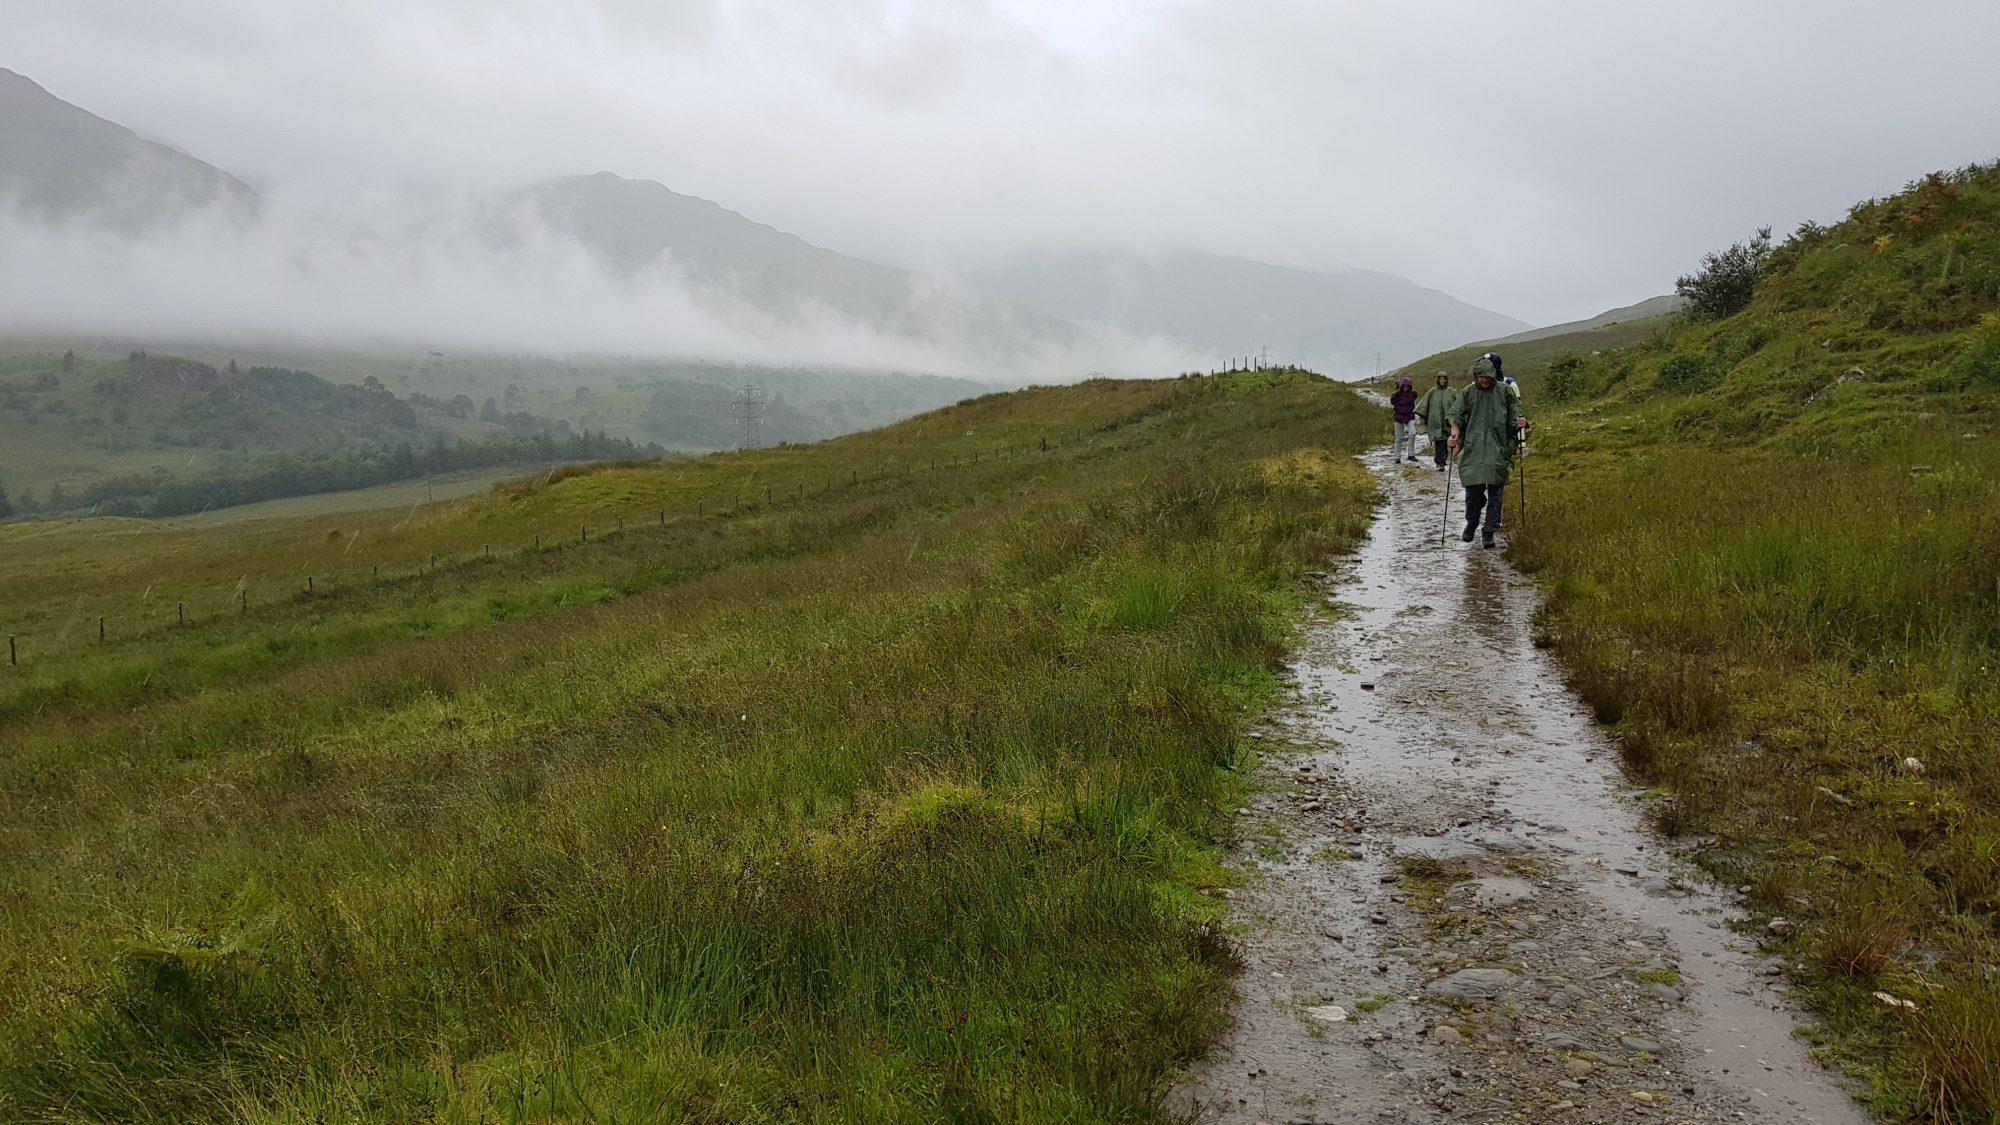 Regen auf dem West Highland Way, Schottland, Wanderung, Weitwandern, Trekking, Highlands